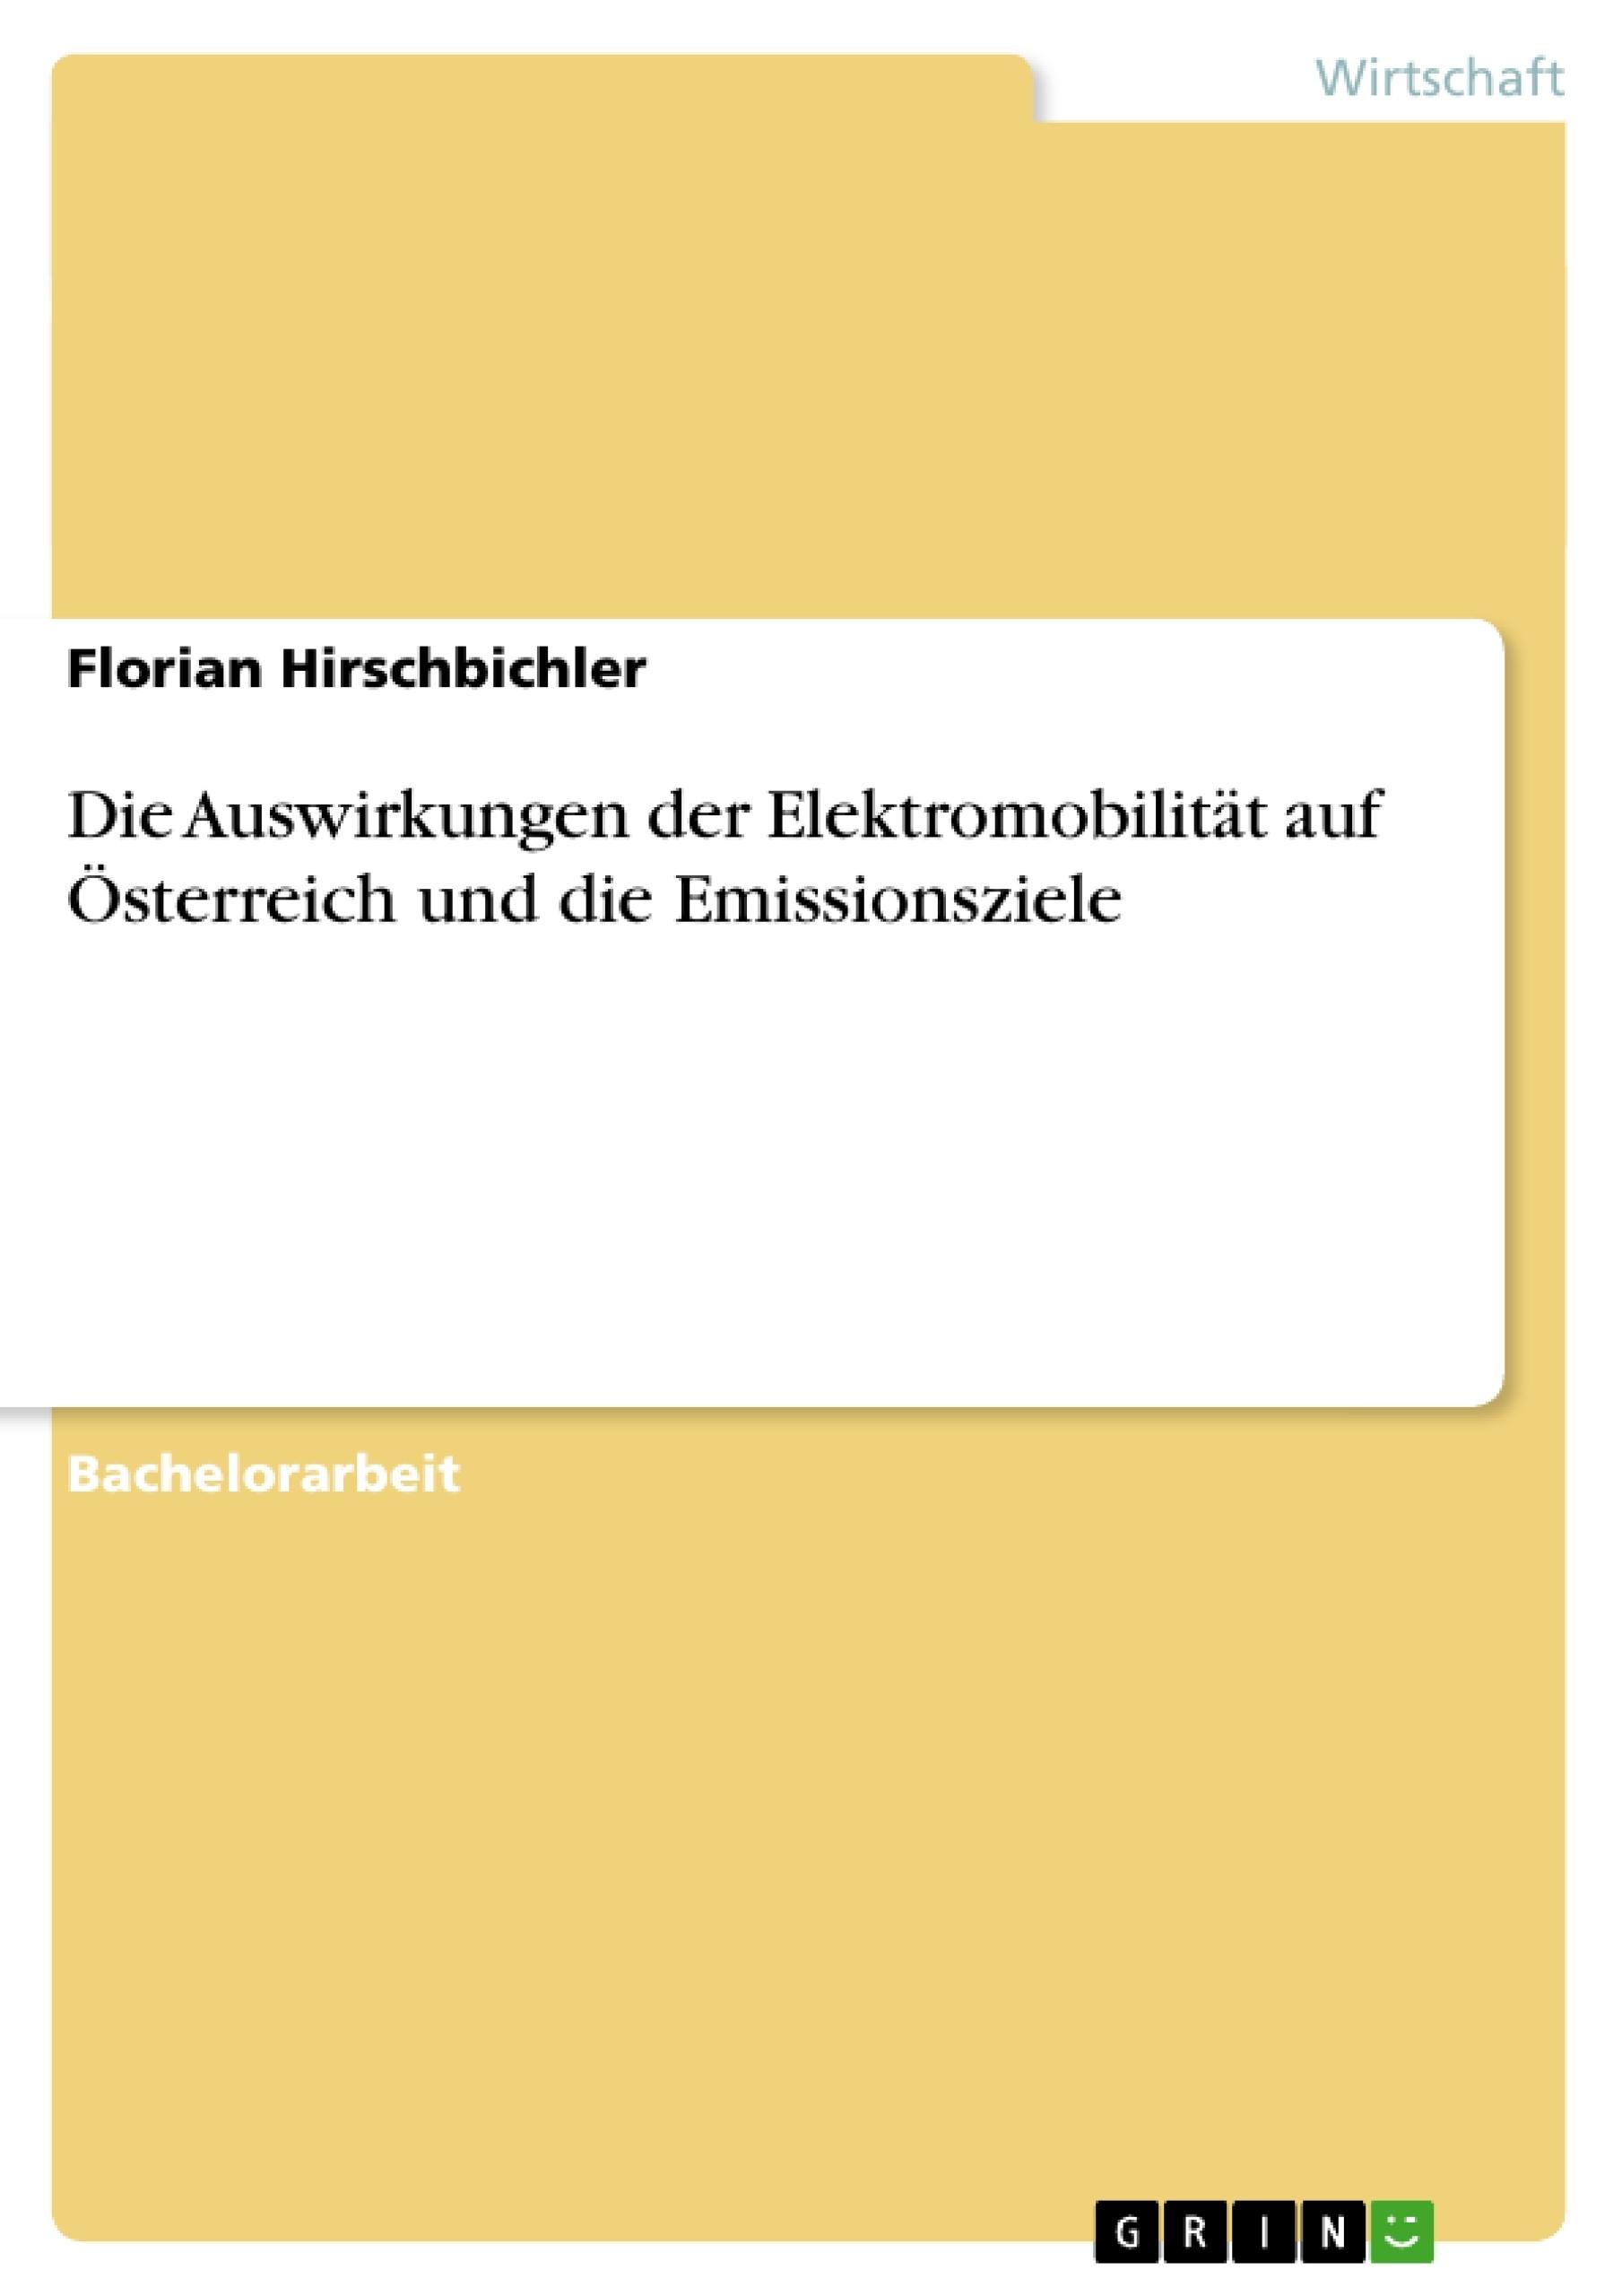 Titel: Die Auswirkungen der Elektromobilität auf Österreich und die Emissionsziele